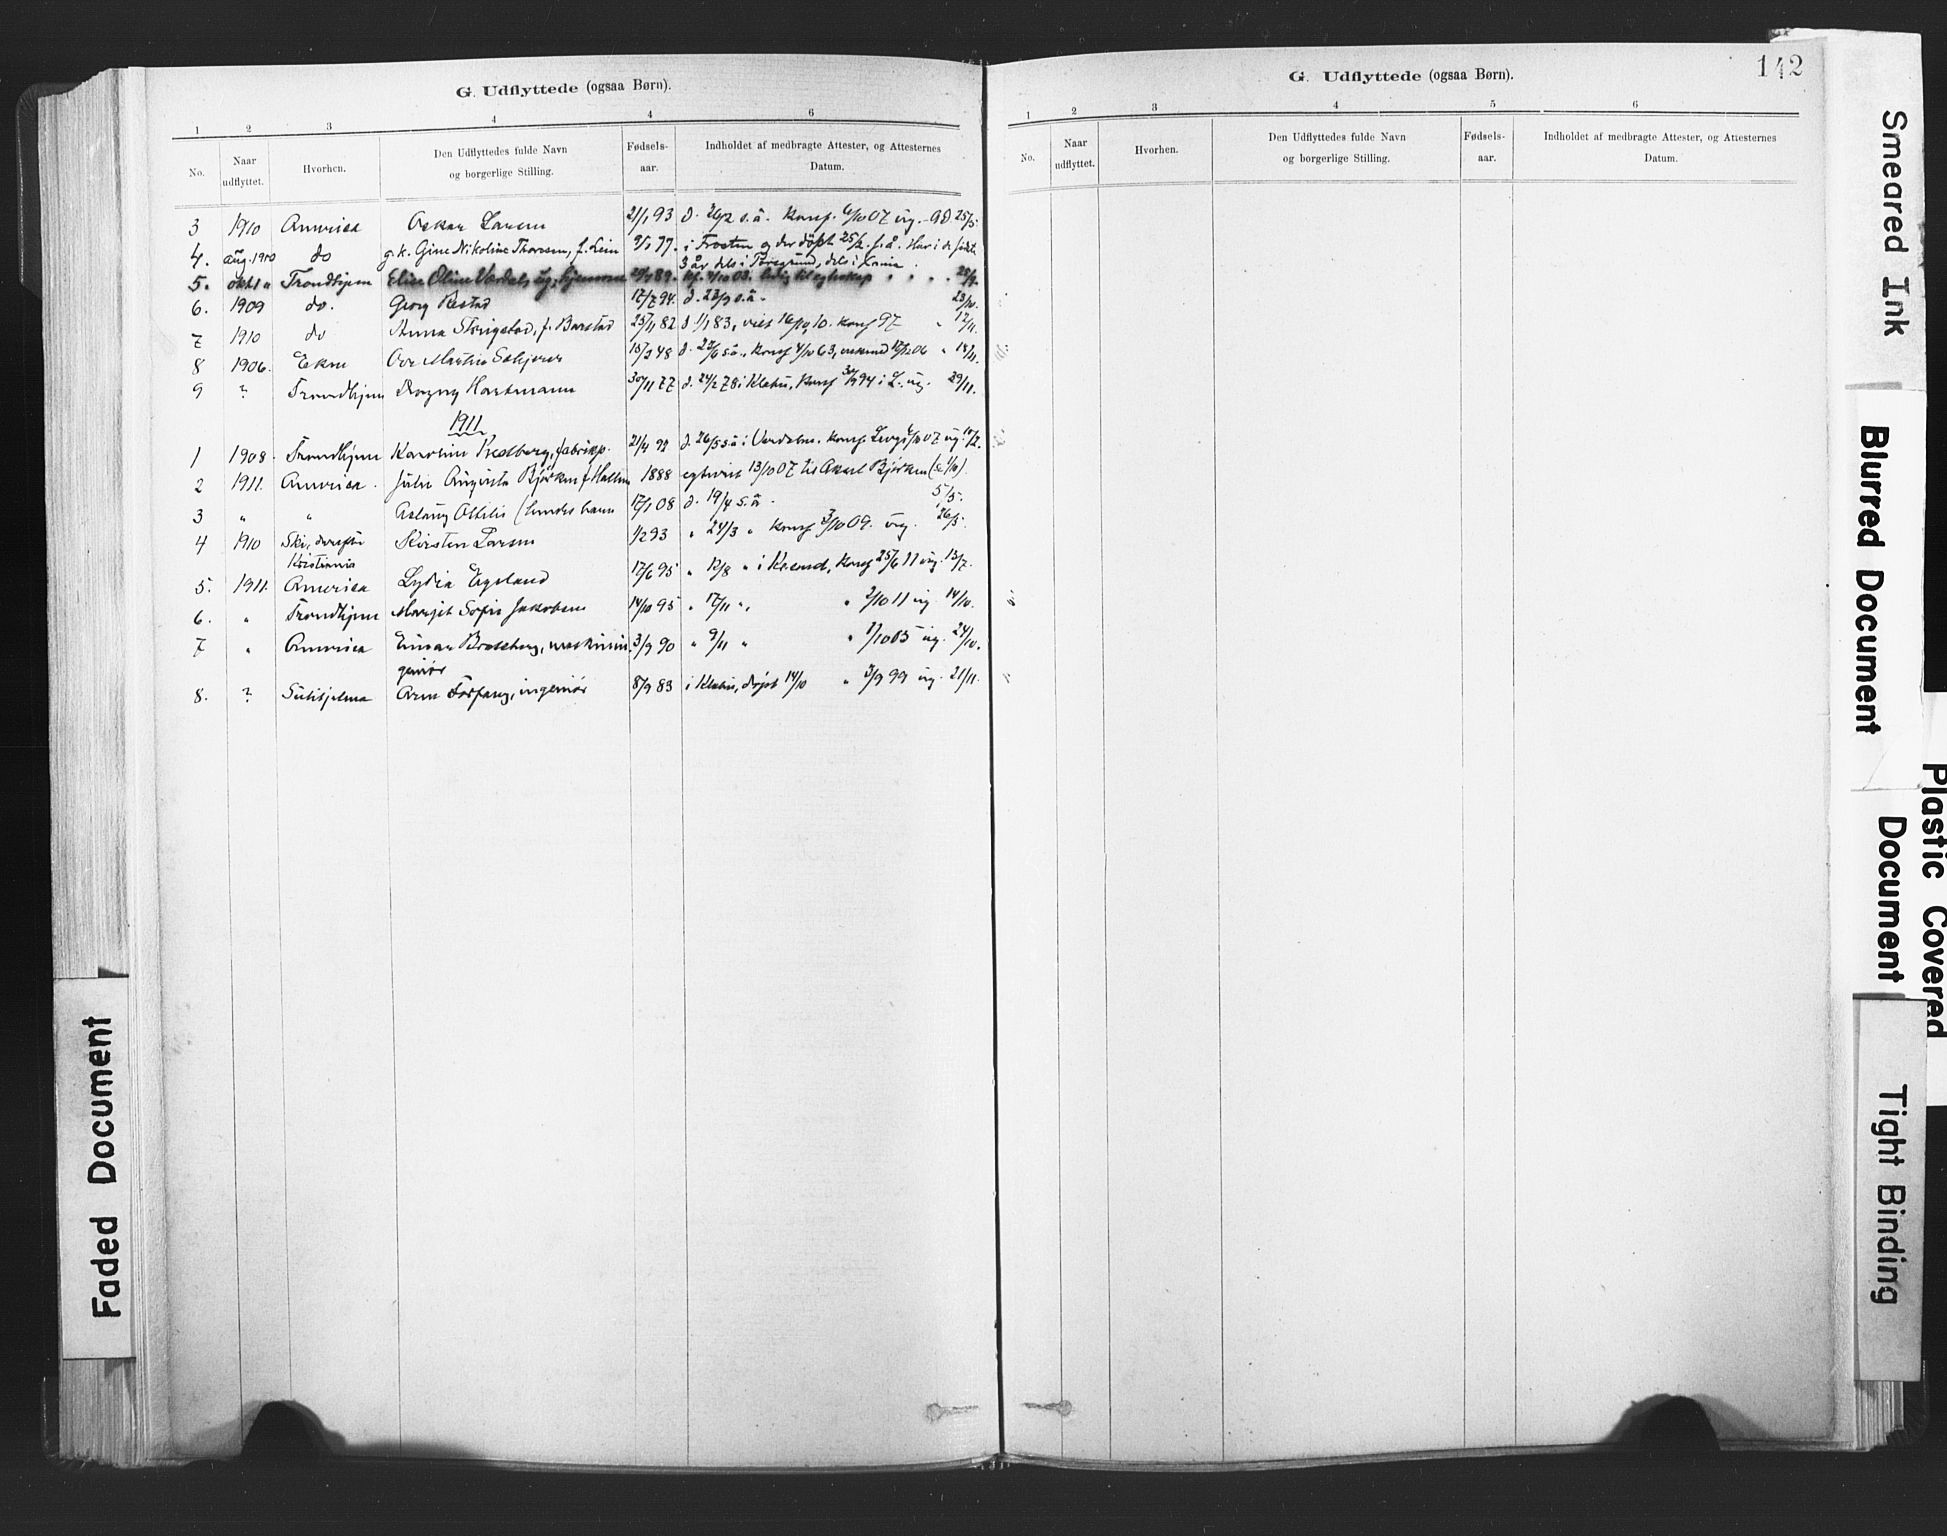 SAT, Ministerialprotokoller, klokkerbøker og fødselsregistre - Nord-Trøndelag, 720/L0189: Ministerialbok nr. 720A05, 1880-1911, s. 142